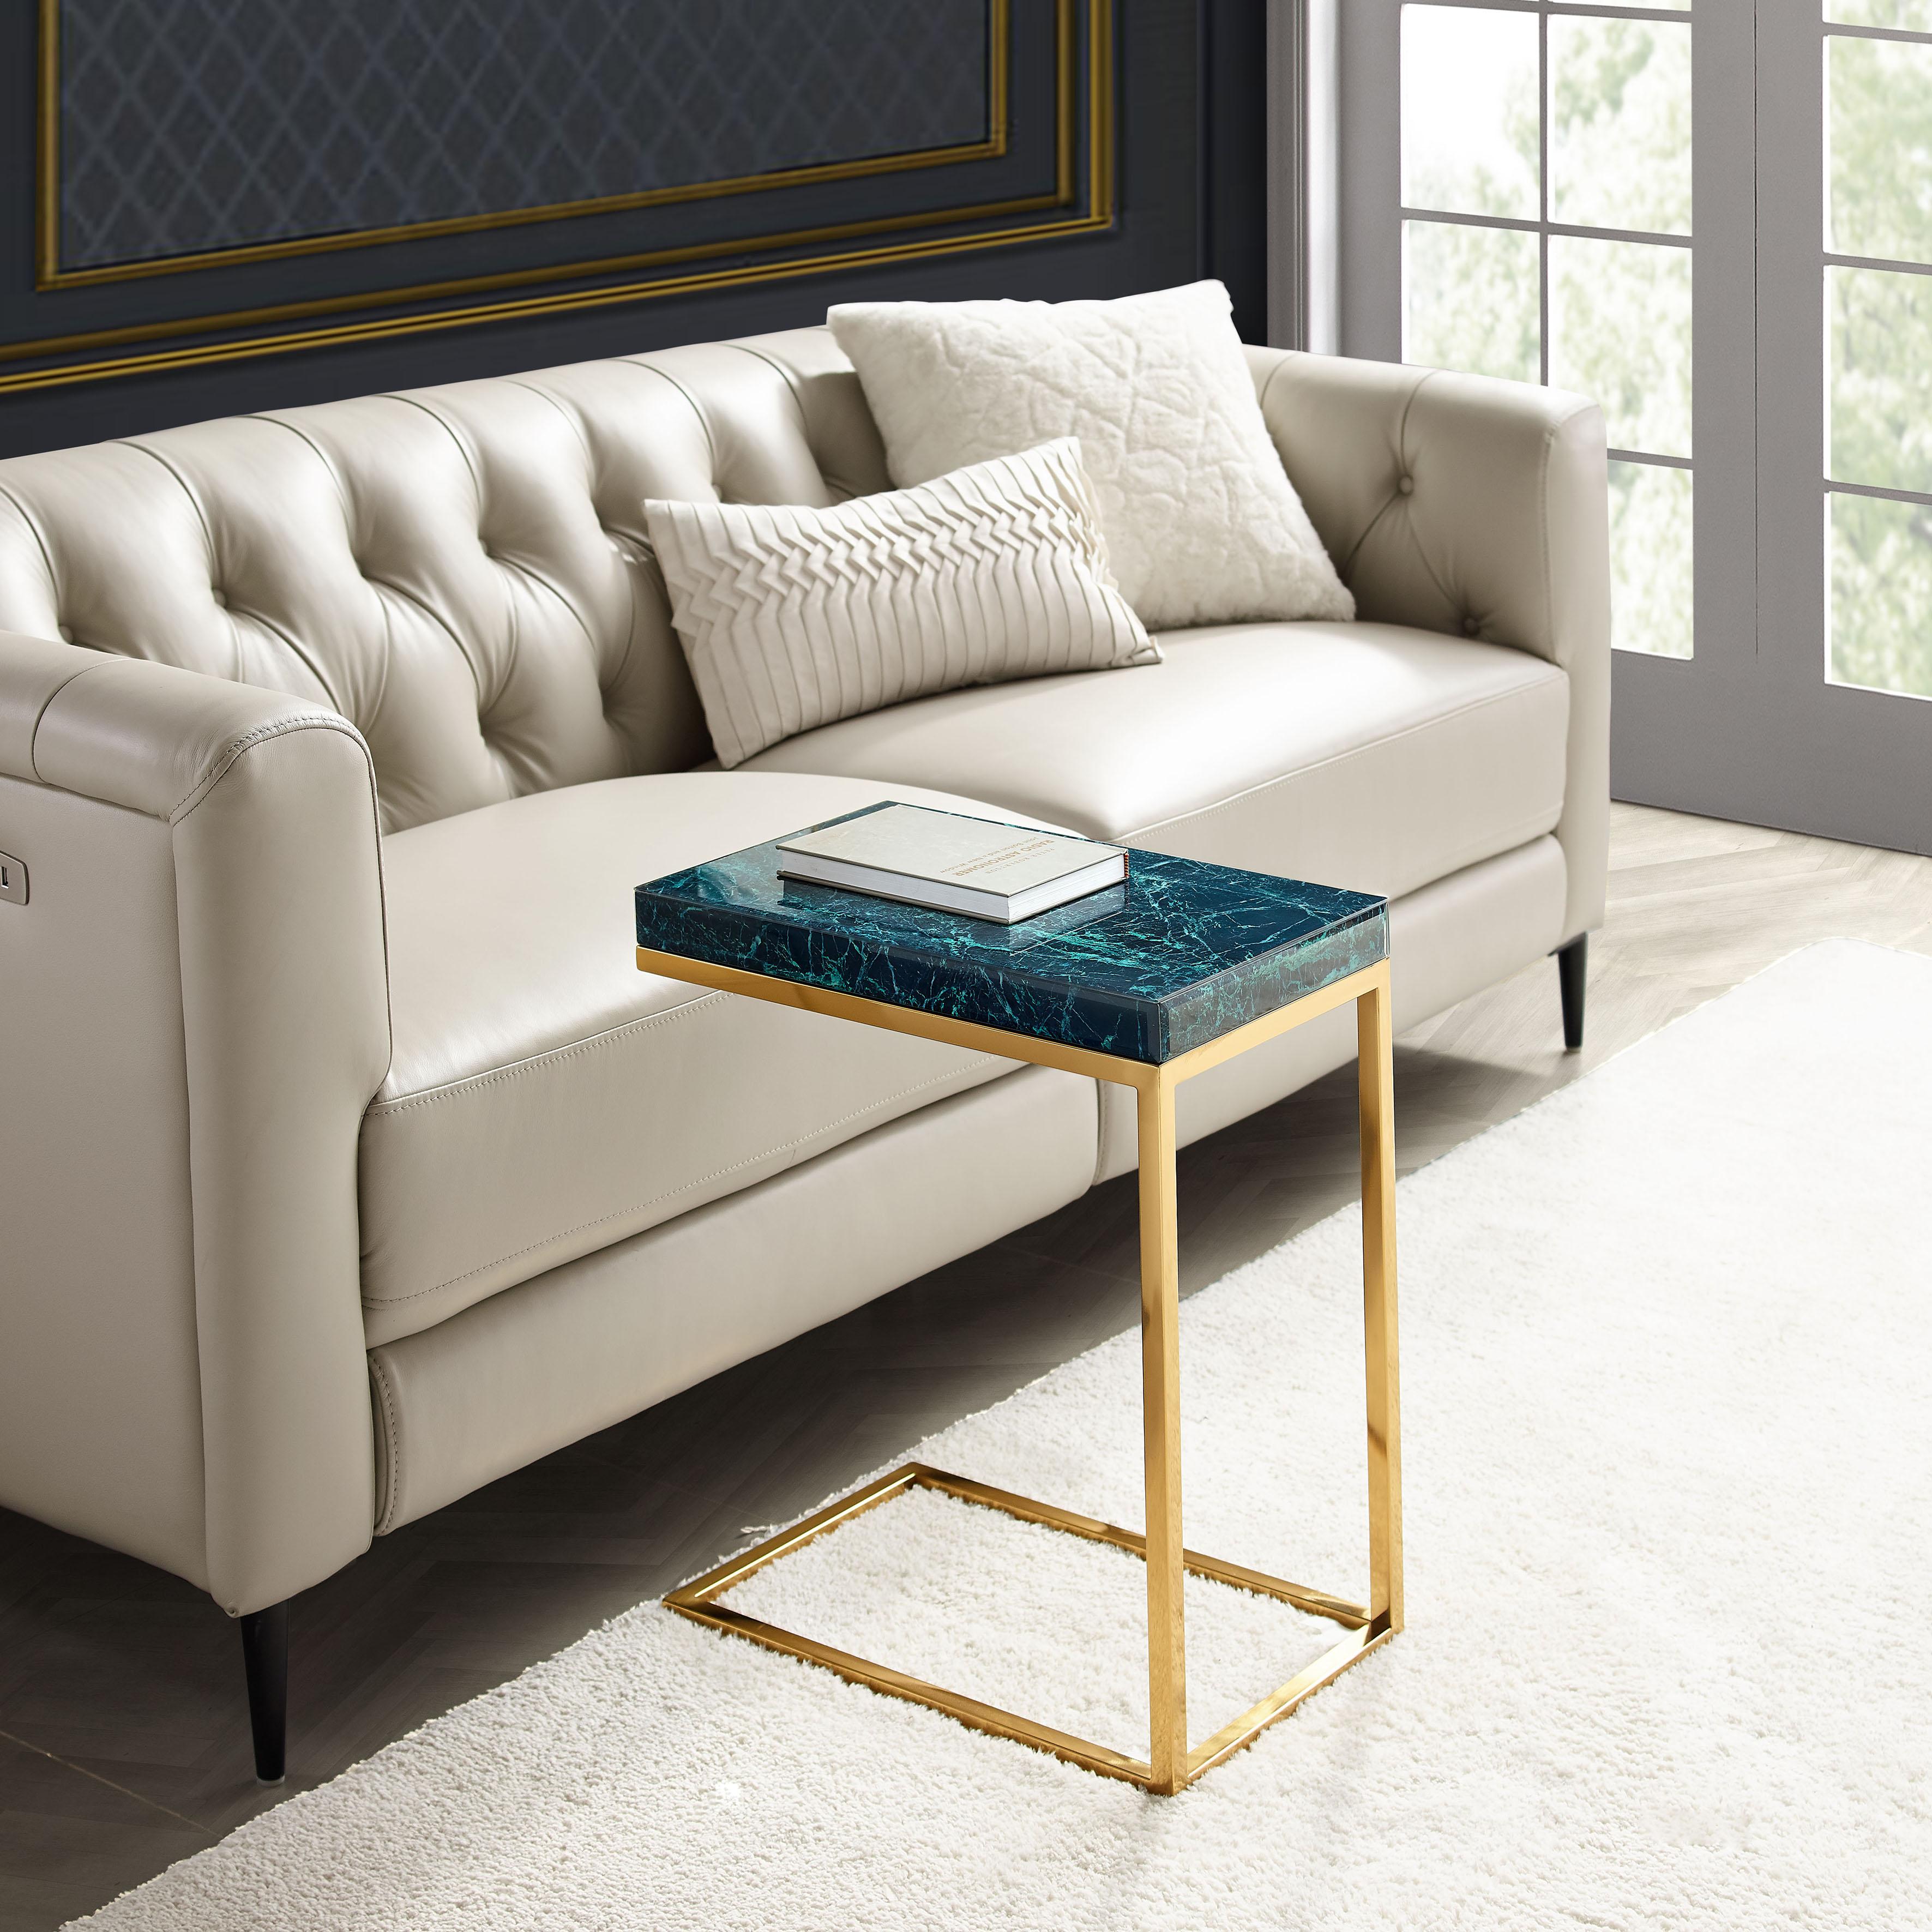 Leonique Beistelltisch Kamilla, Tischplatte in Marmoroptik, auch als Nachttisch geeignet gelb Beistelltische Tische